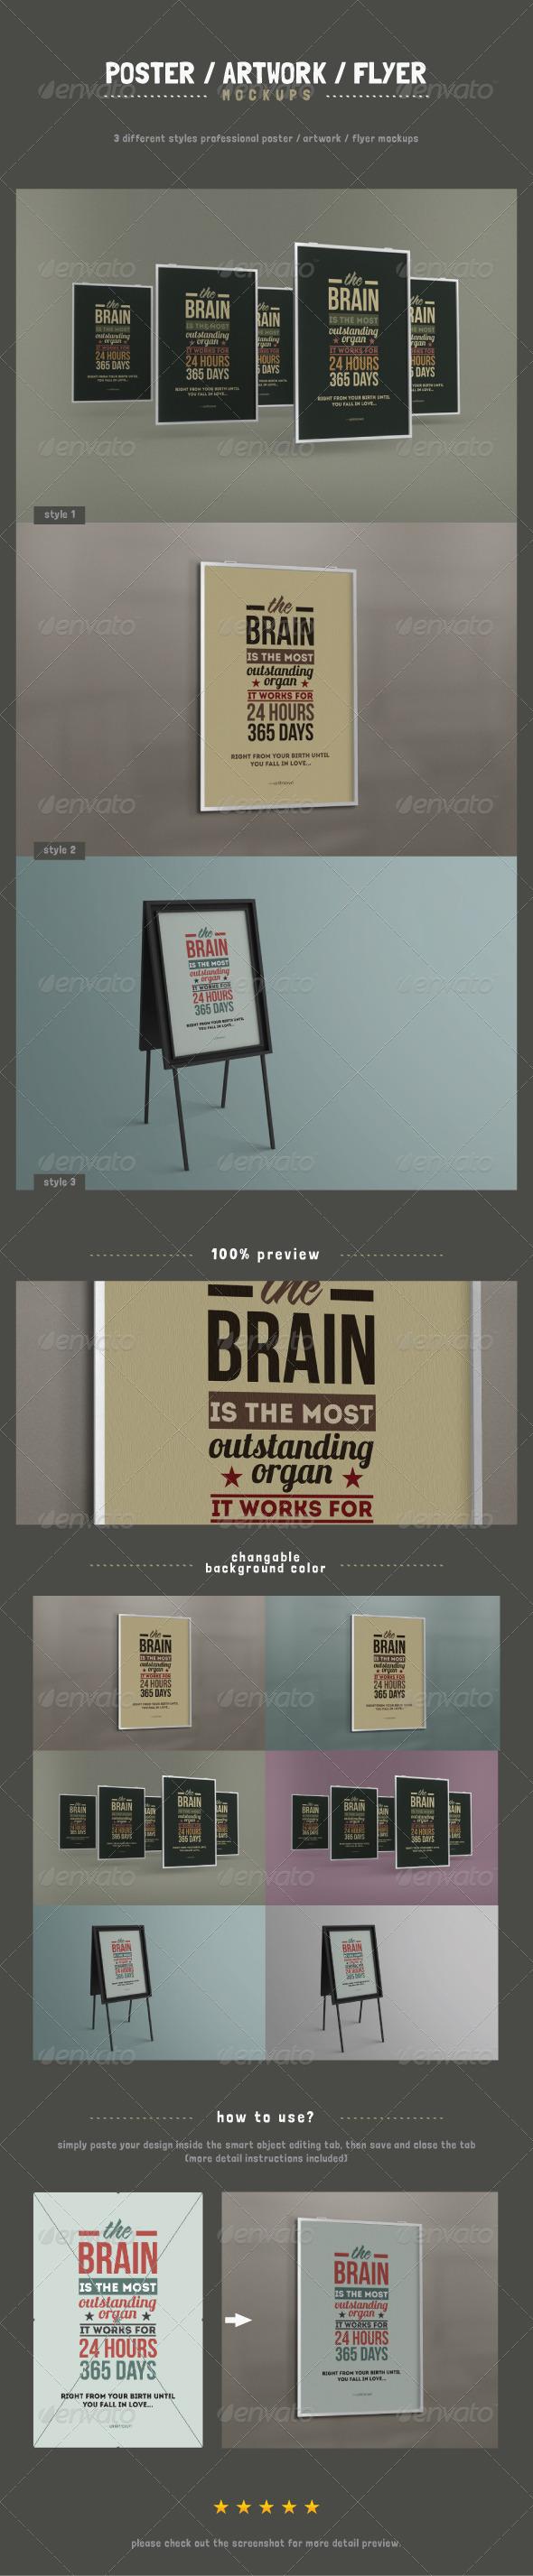 Poster / Artwork / Flyer Mockups - Posters Print